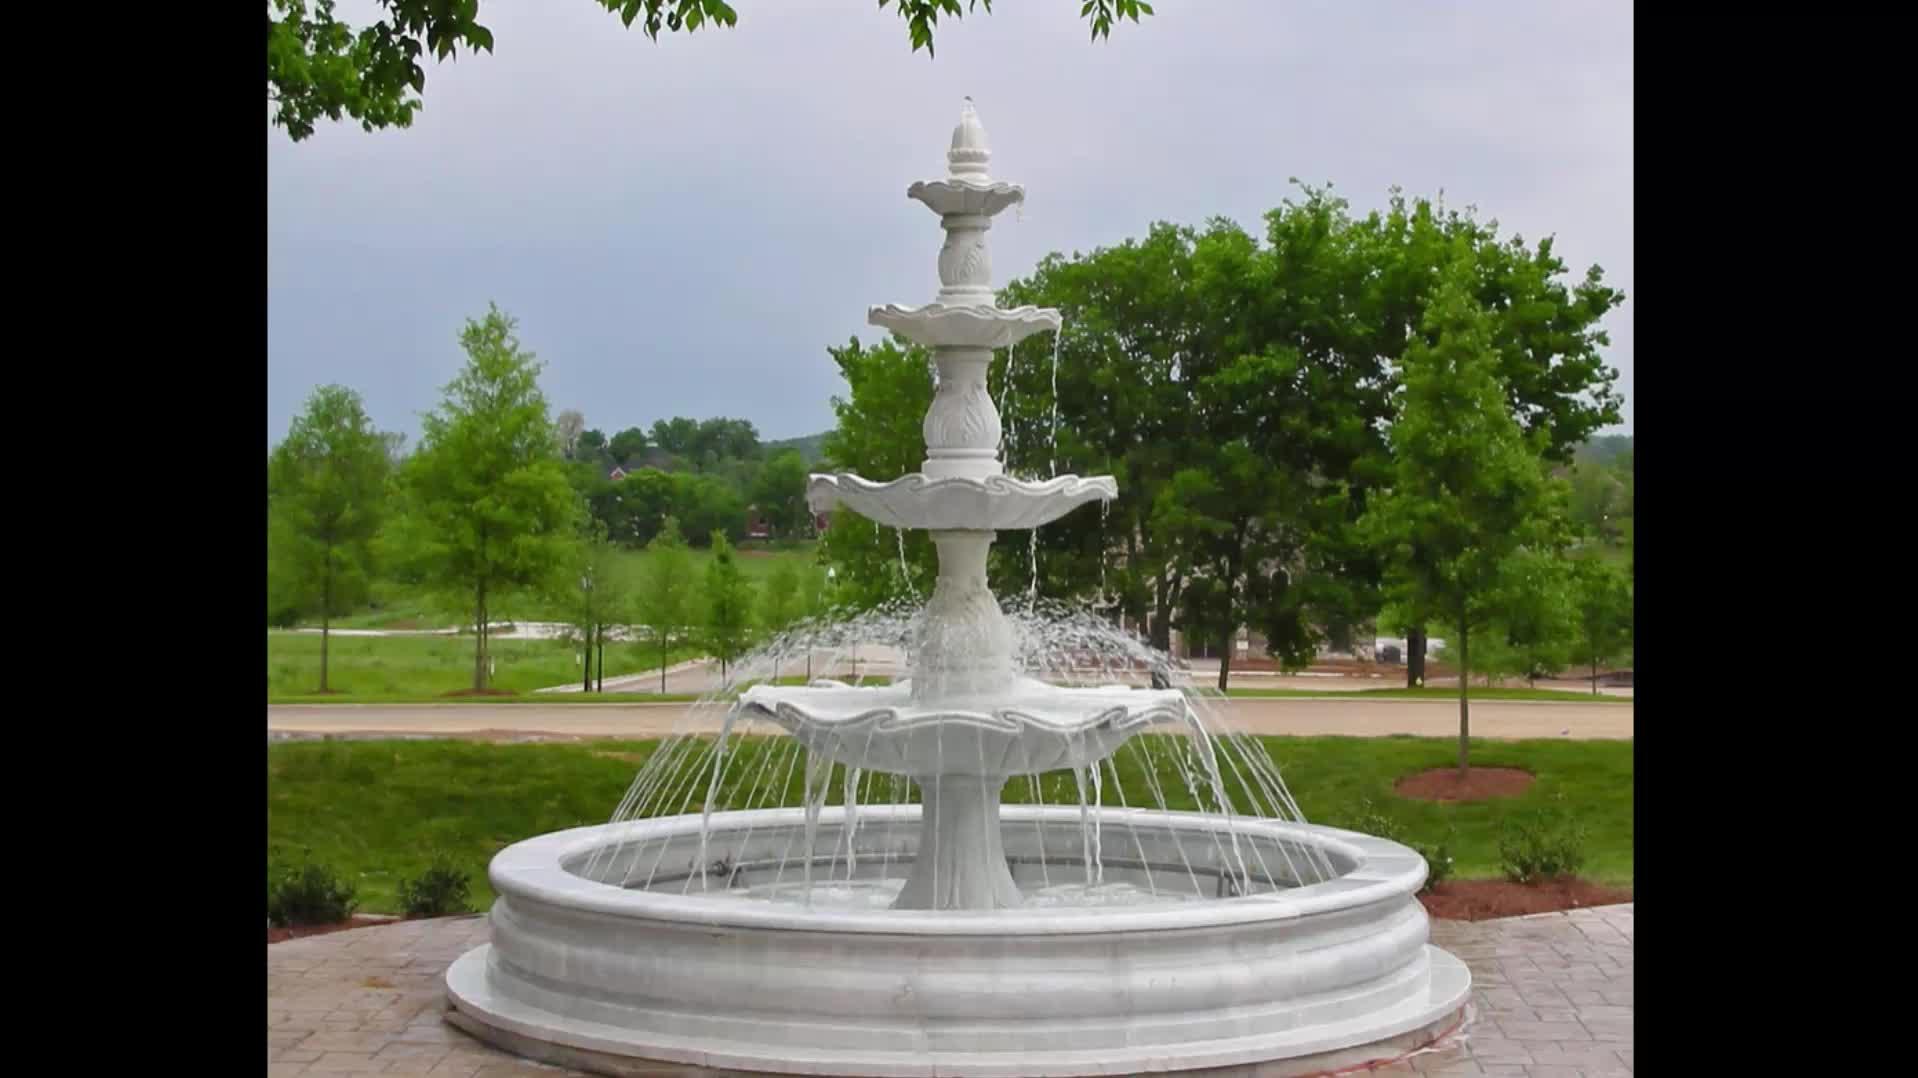 Venta caliente de aseguramiento de Comercio de alta calidad al aire libre gran piedra de jardín fuente de agua